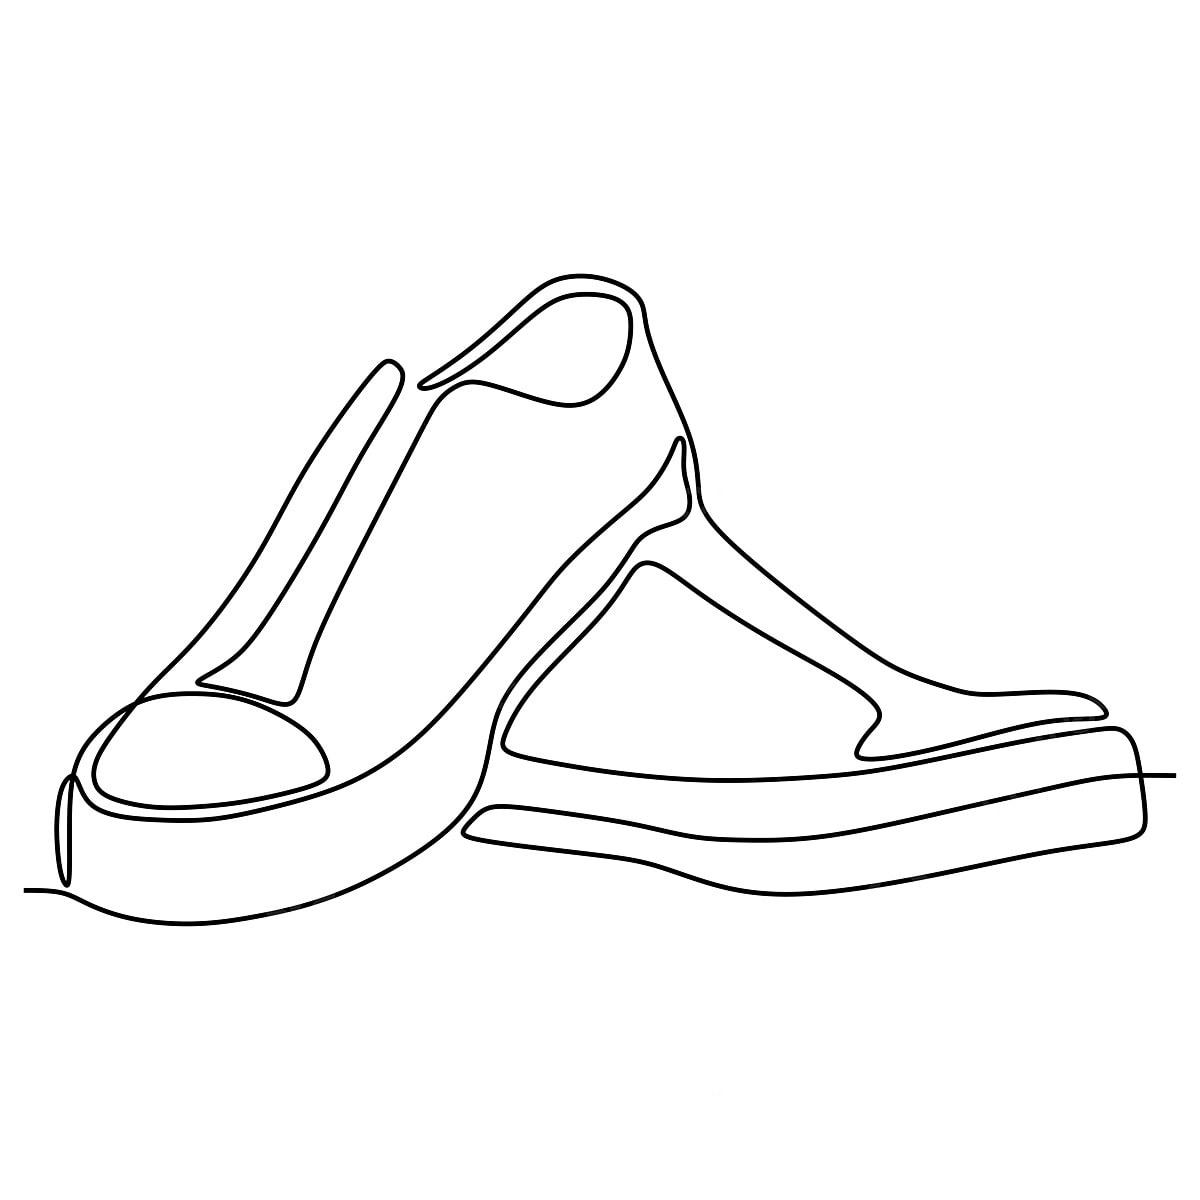 Dessin Un Chaussures Au Trait Vector Minimaliste De Design